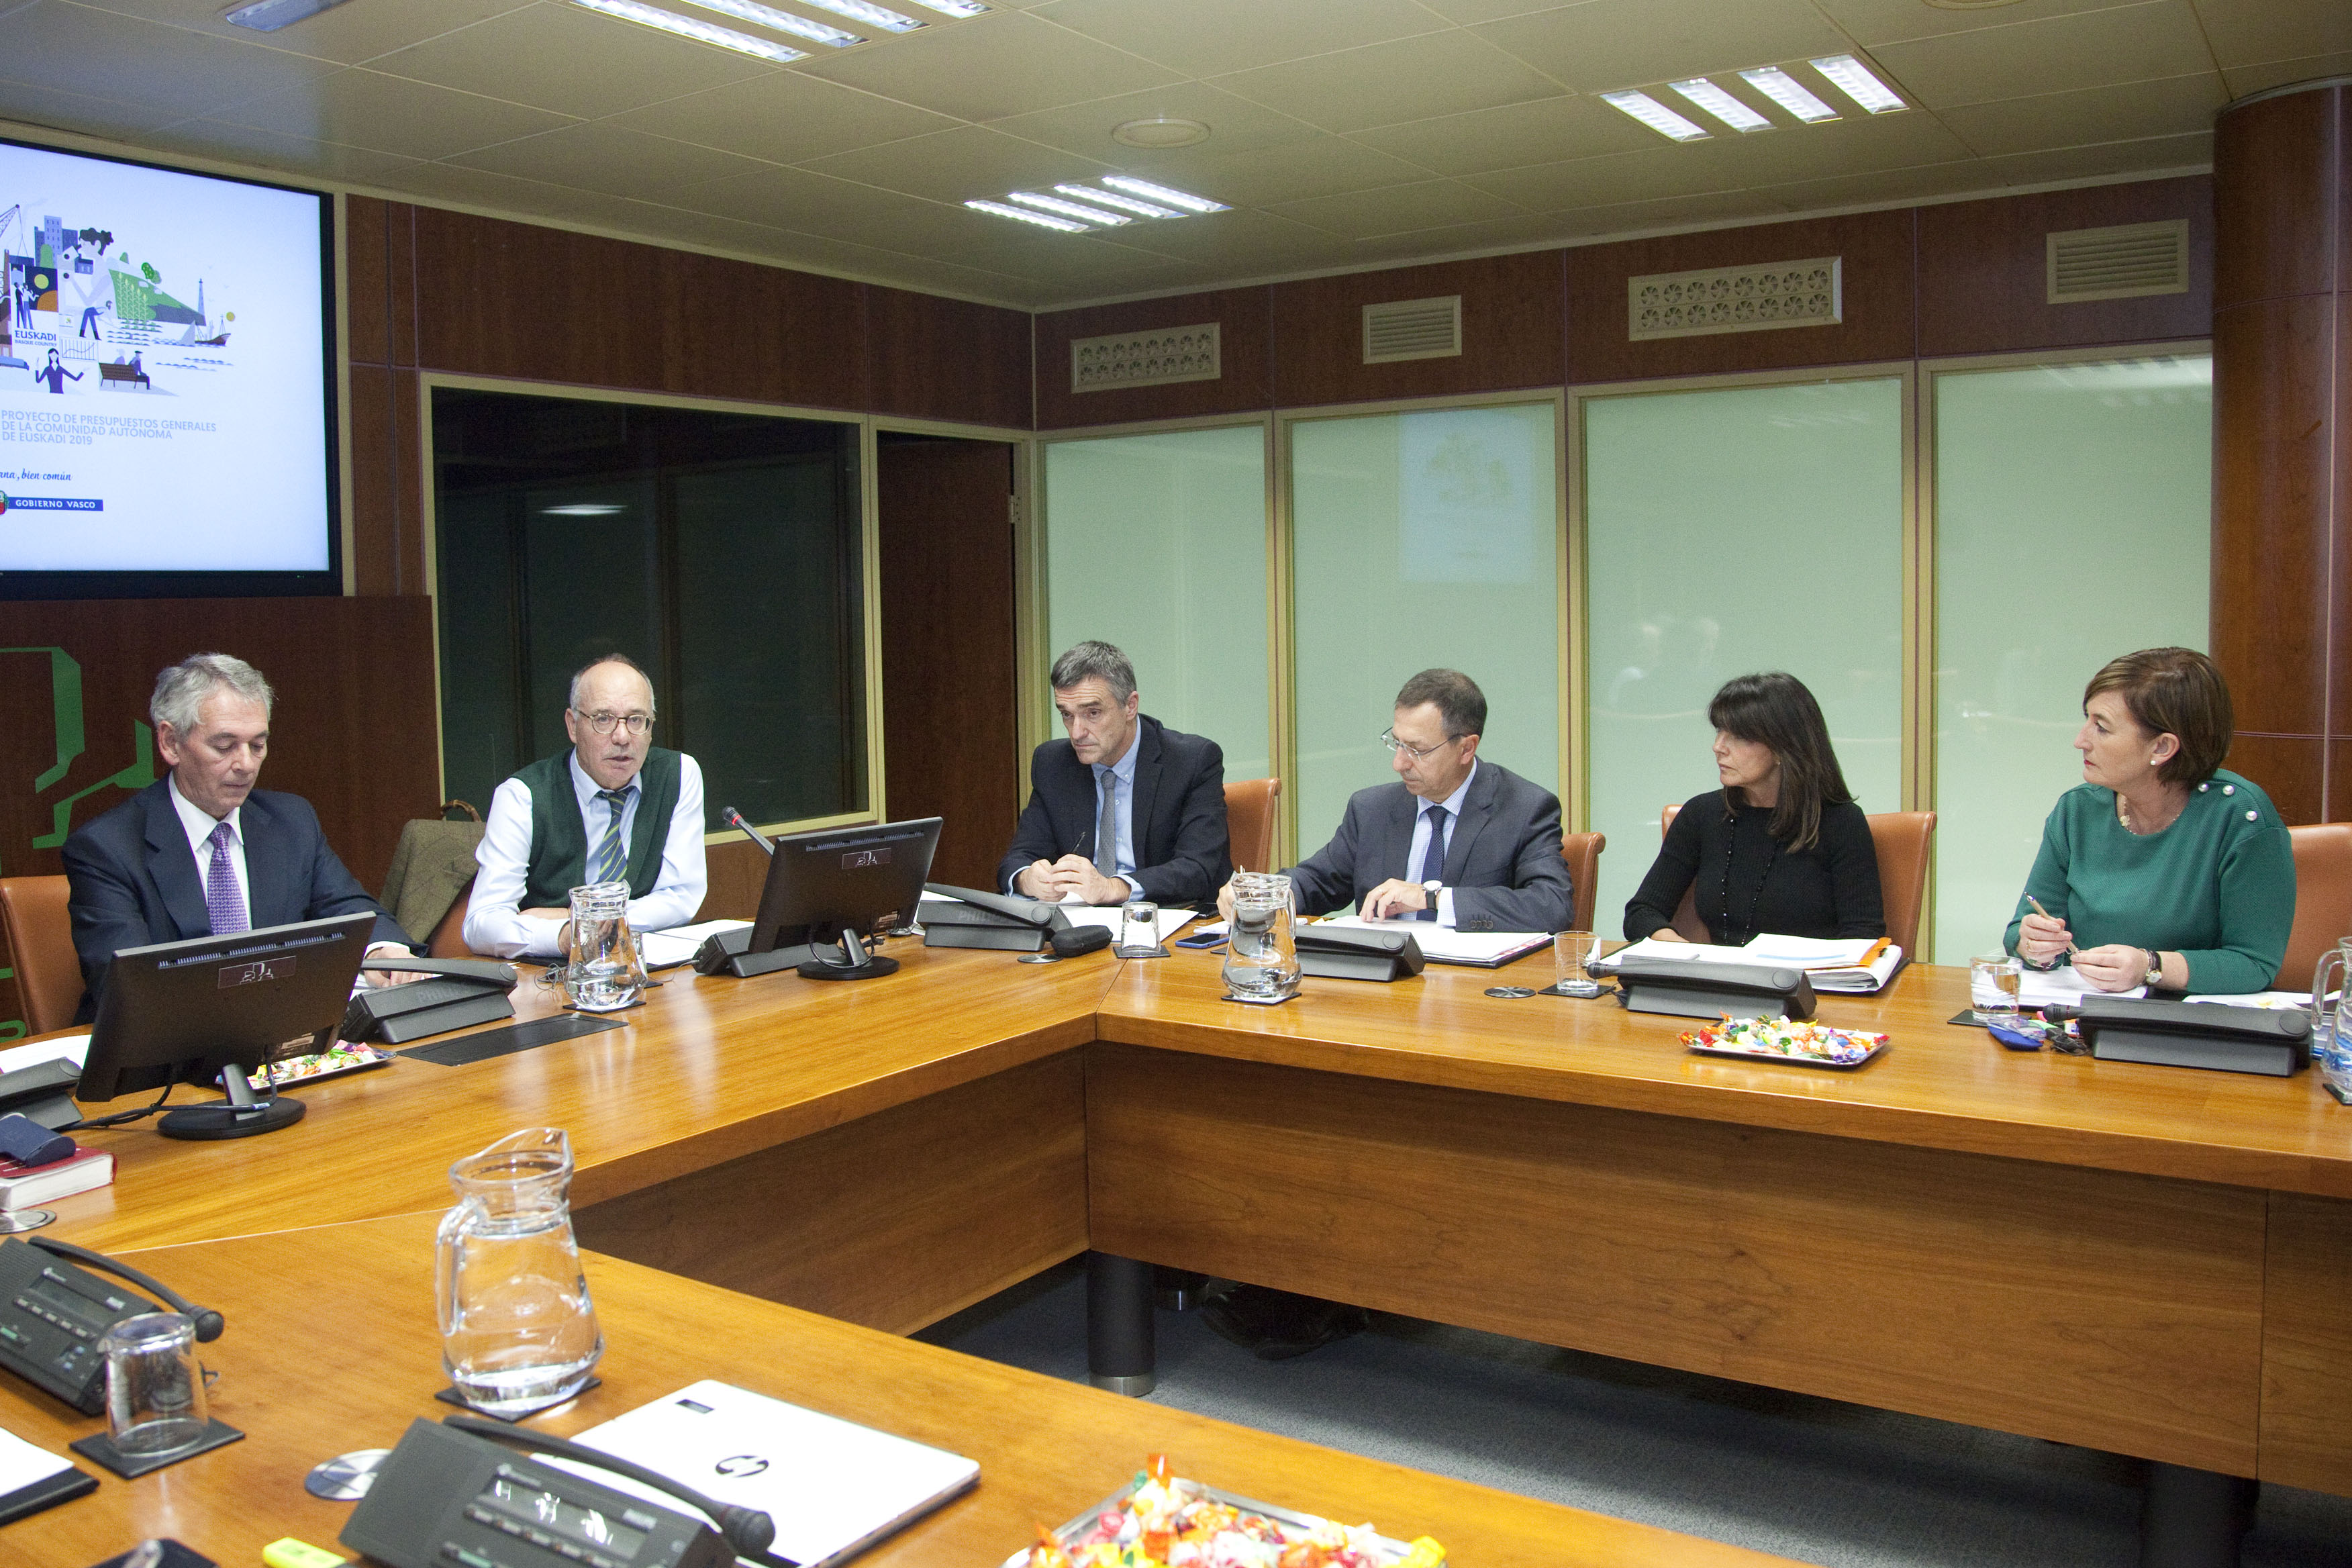 Lehendakaritza presenta en el Parlamento Vasco sus presupuestos para el año 2019